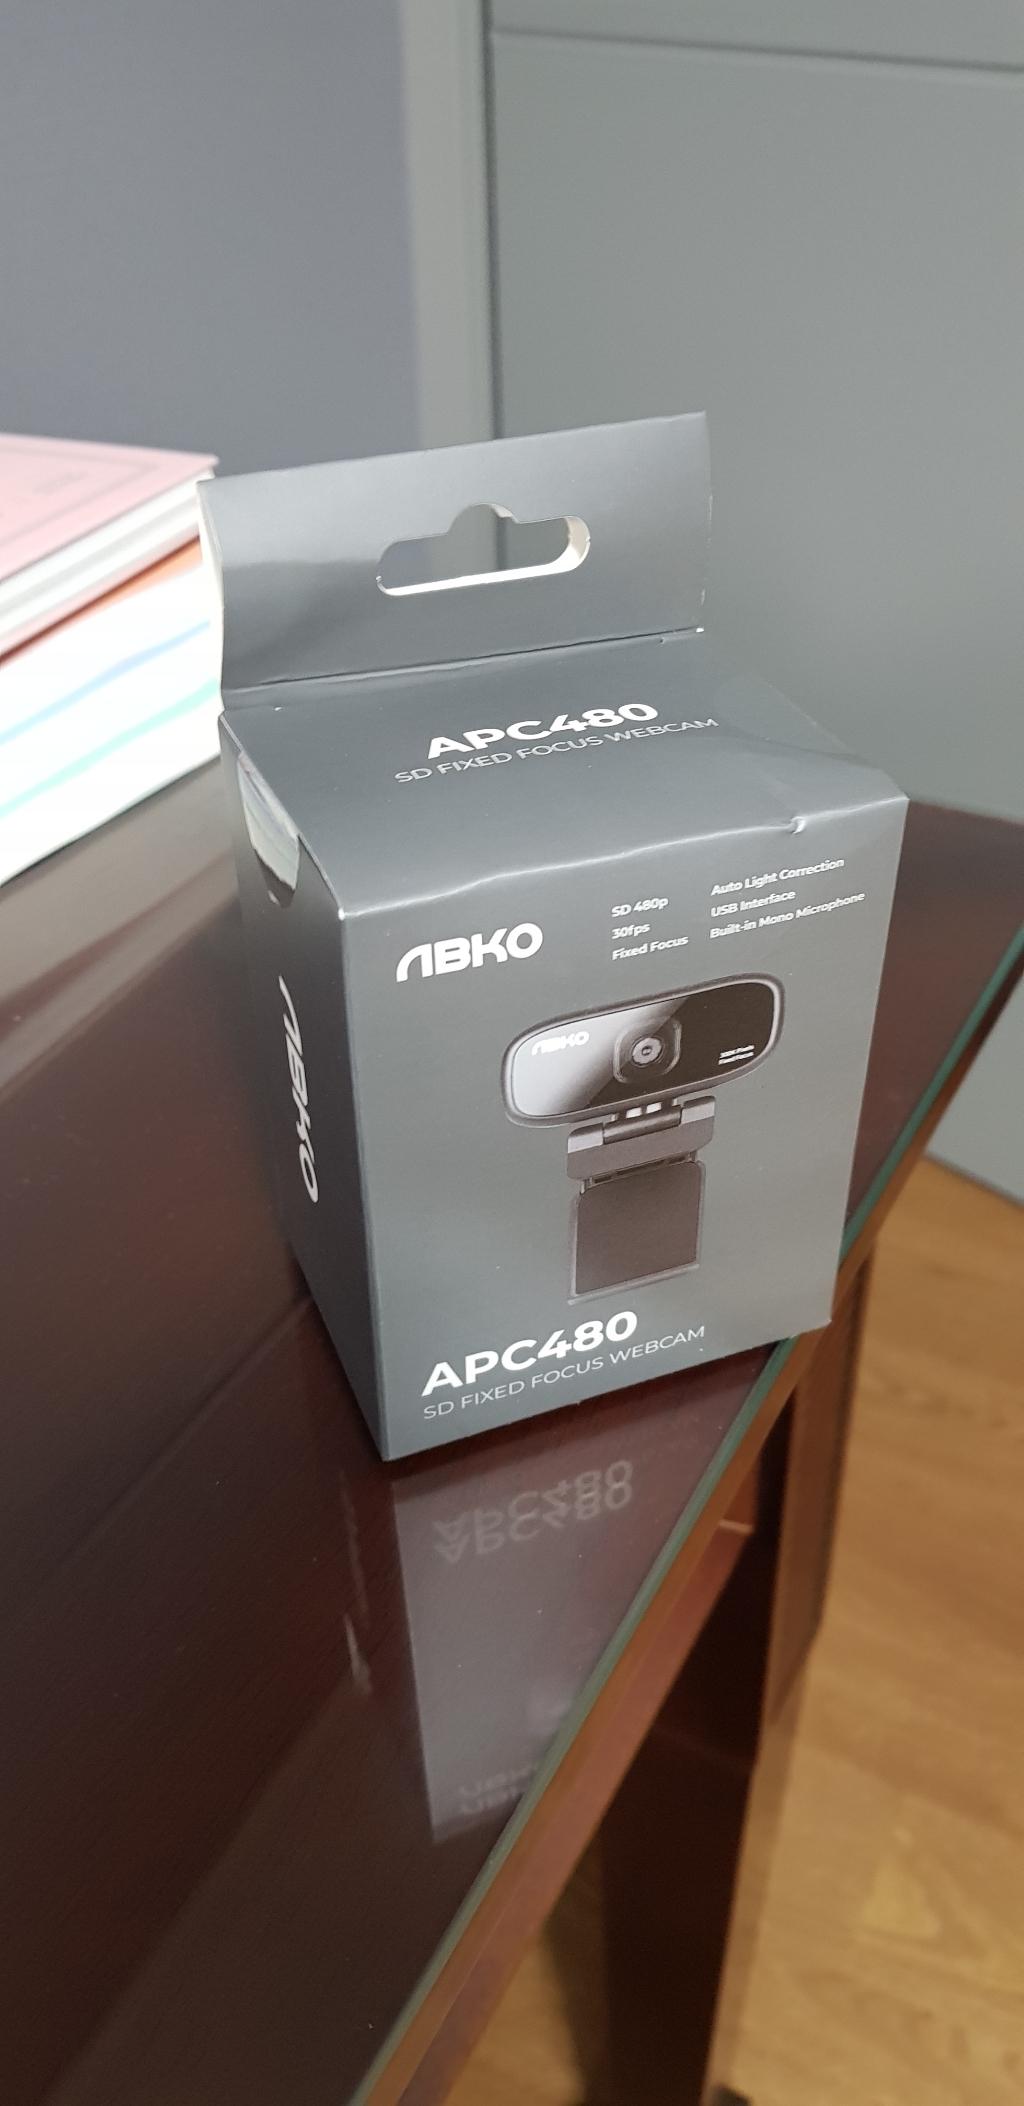 앱코 SD Fixed Focus 웹캠 APC480  리뷰 후기